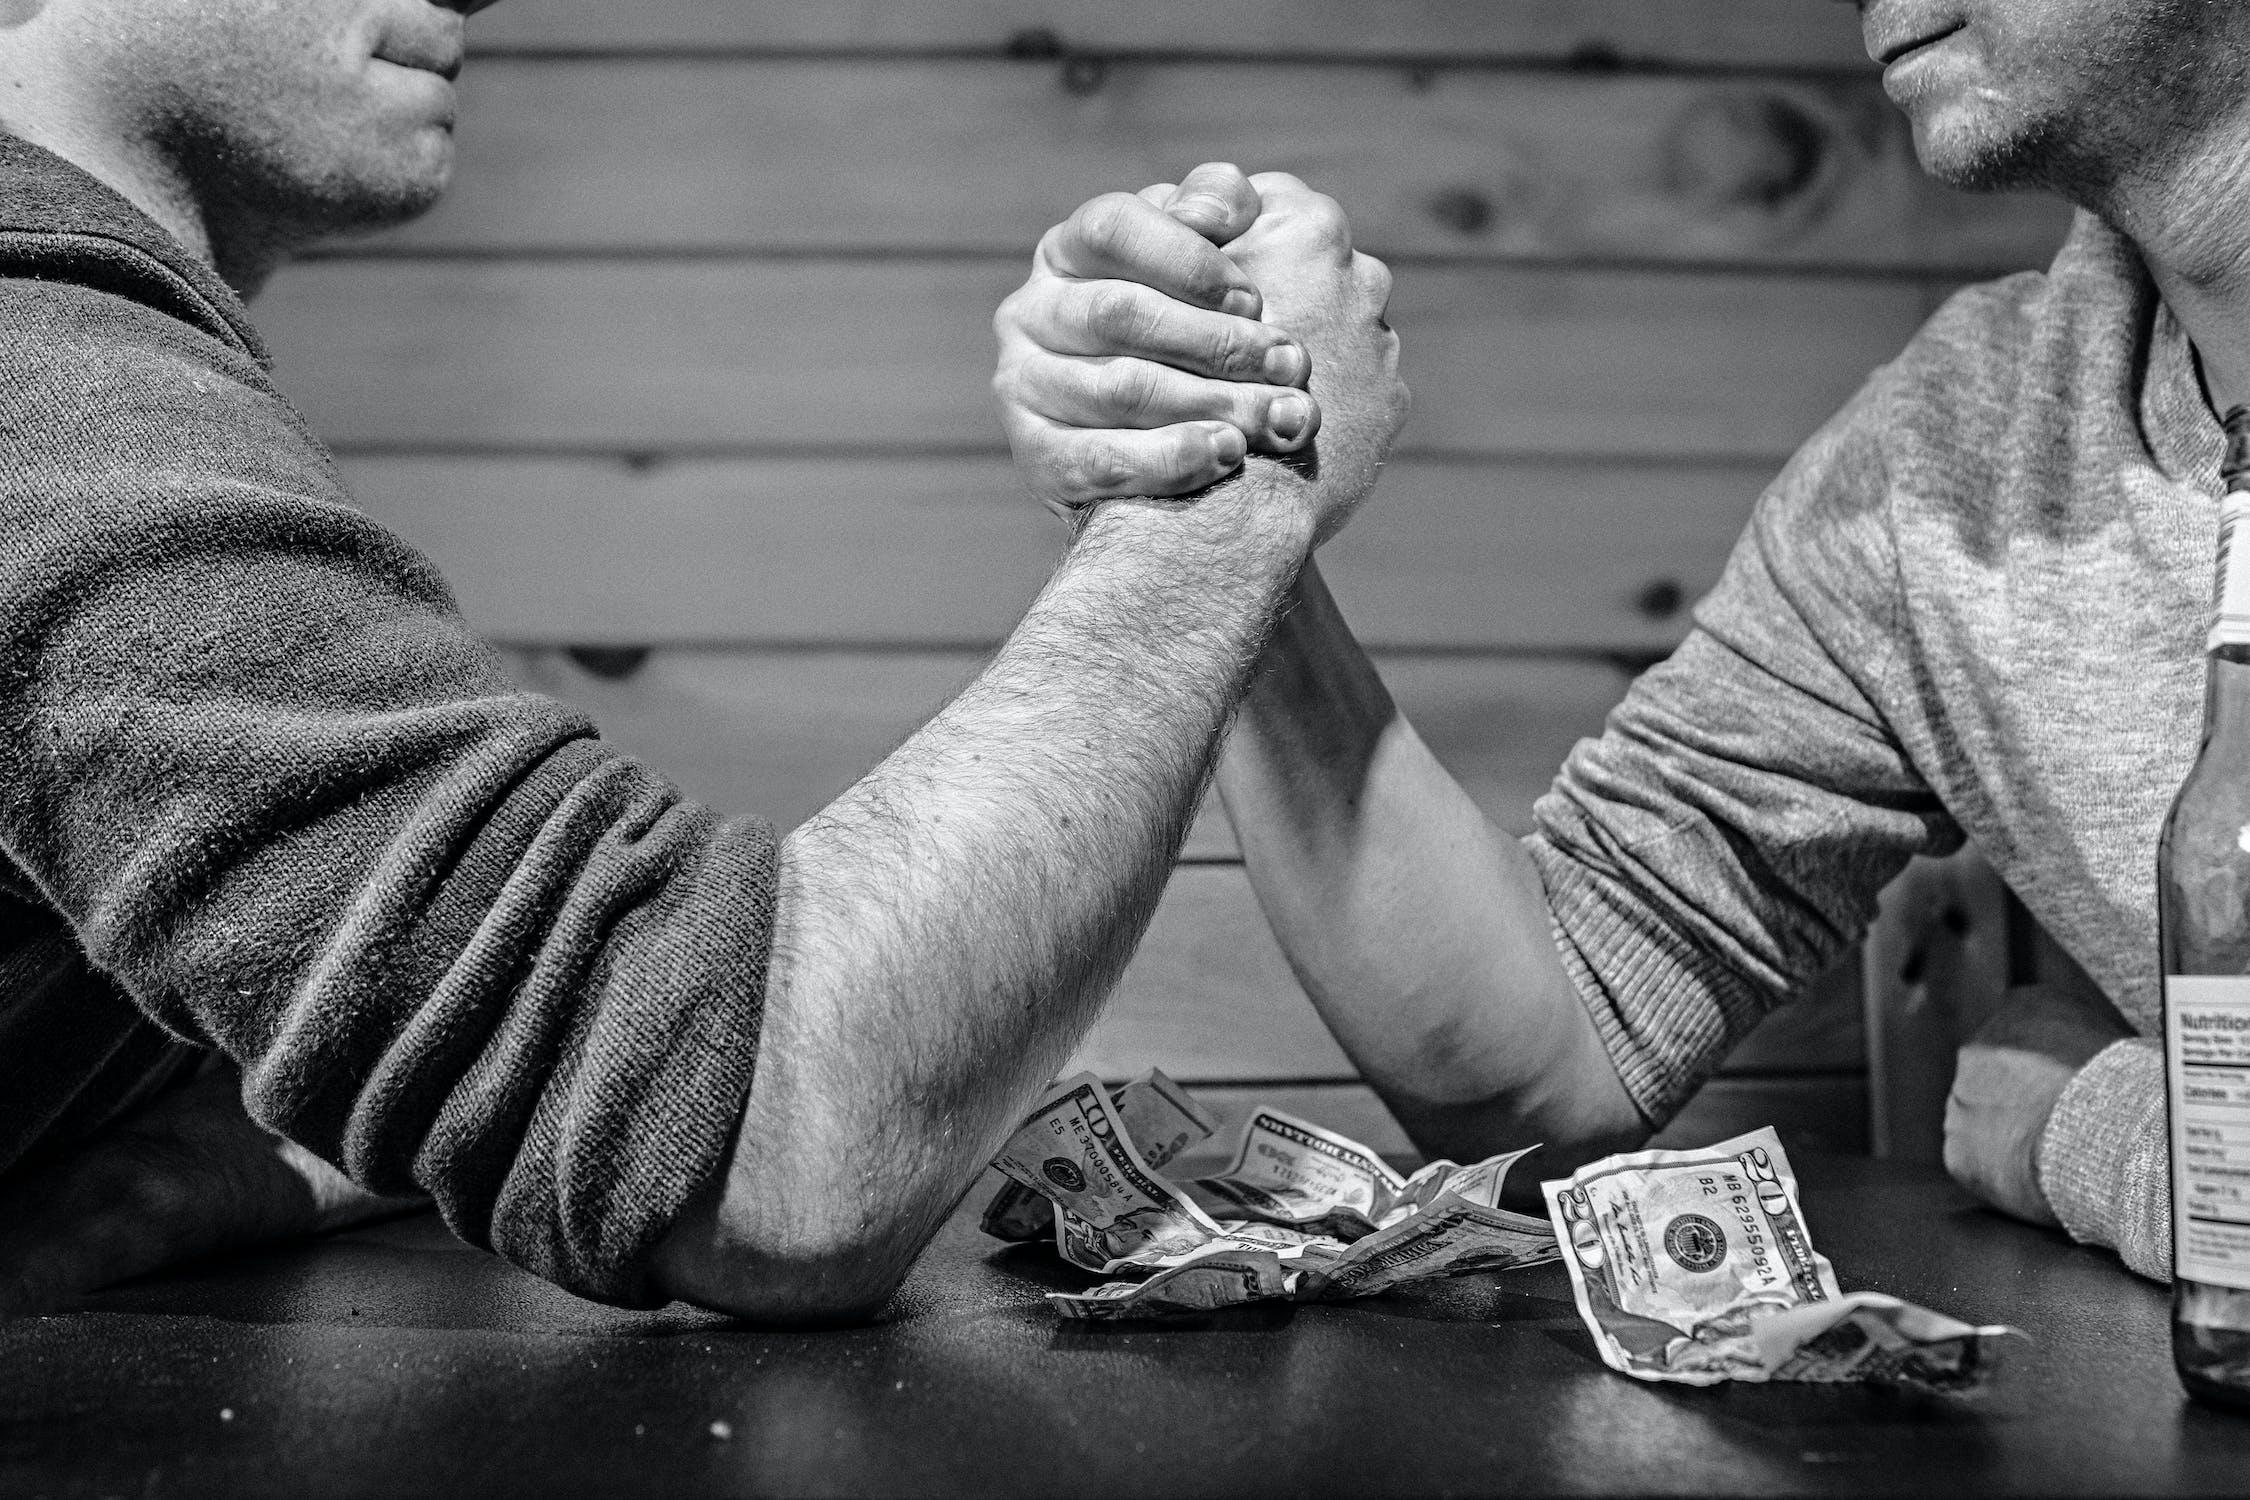 Two men hand wrestling